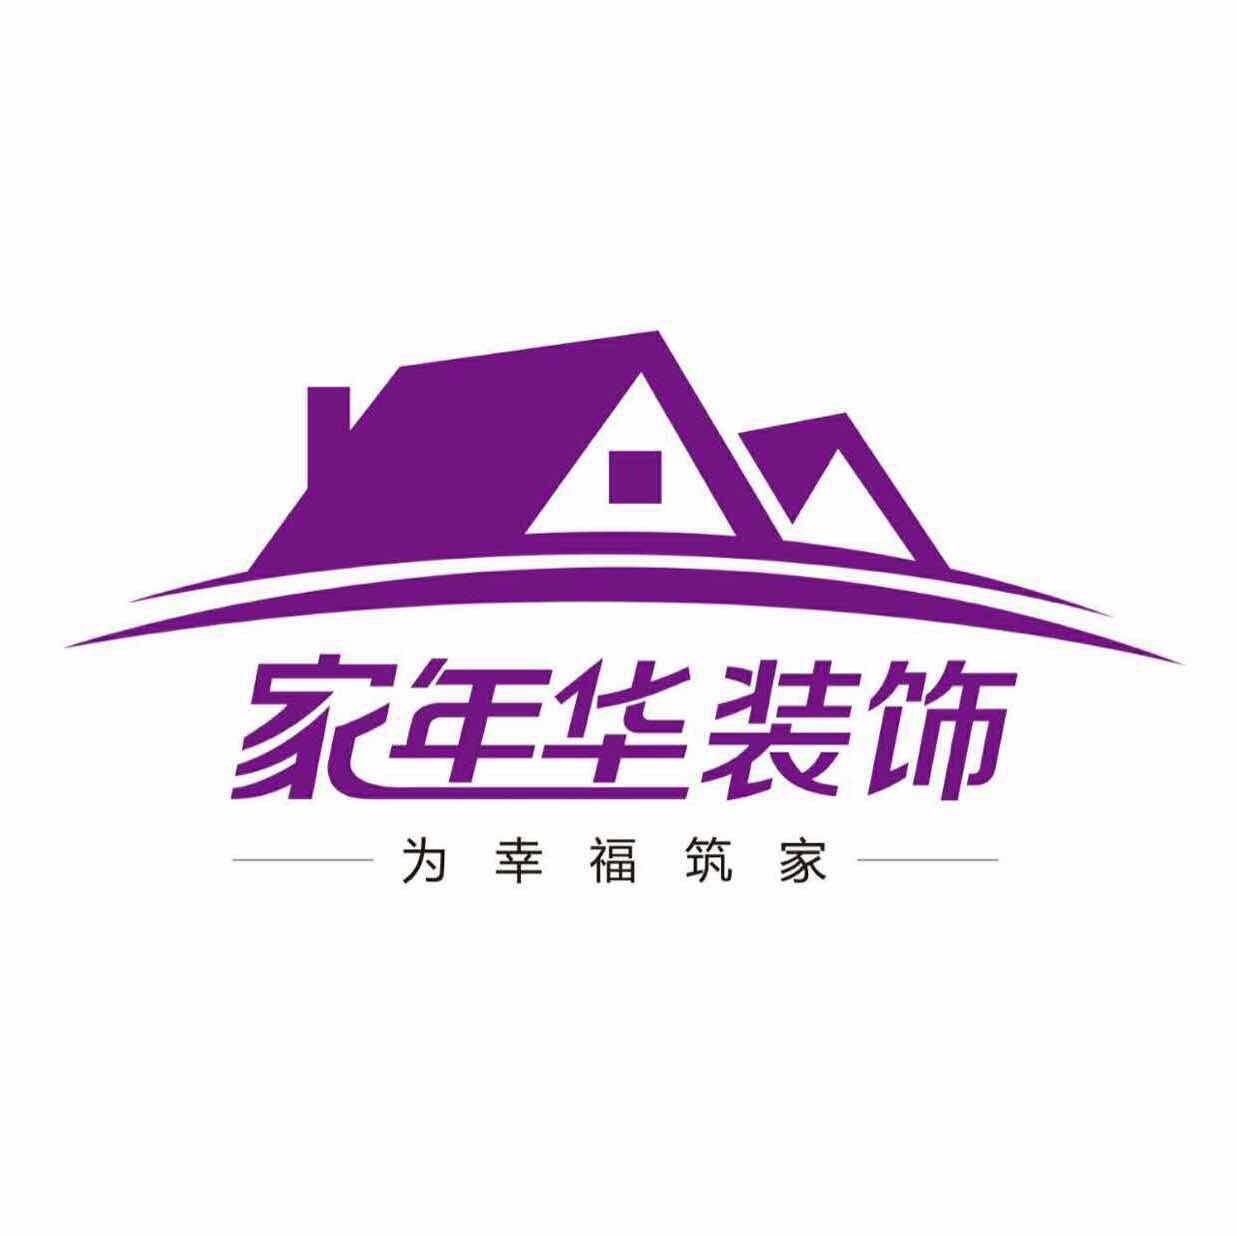 北京家年华装饰九江分公司